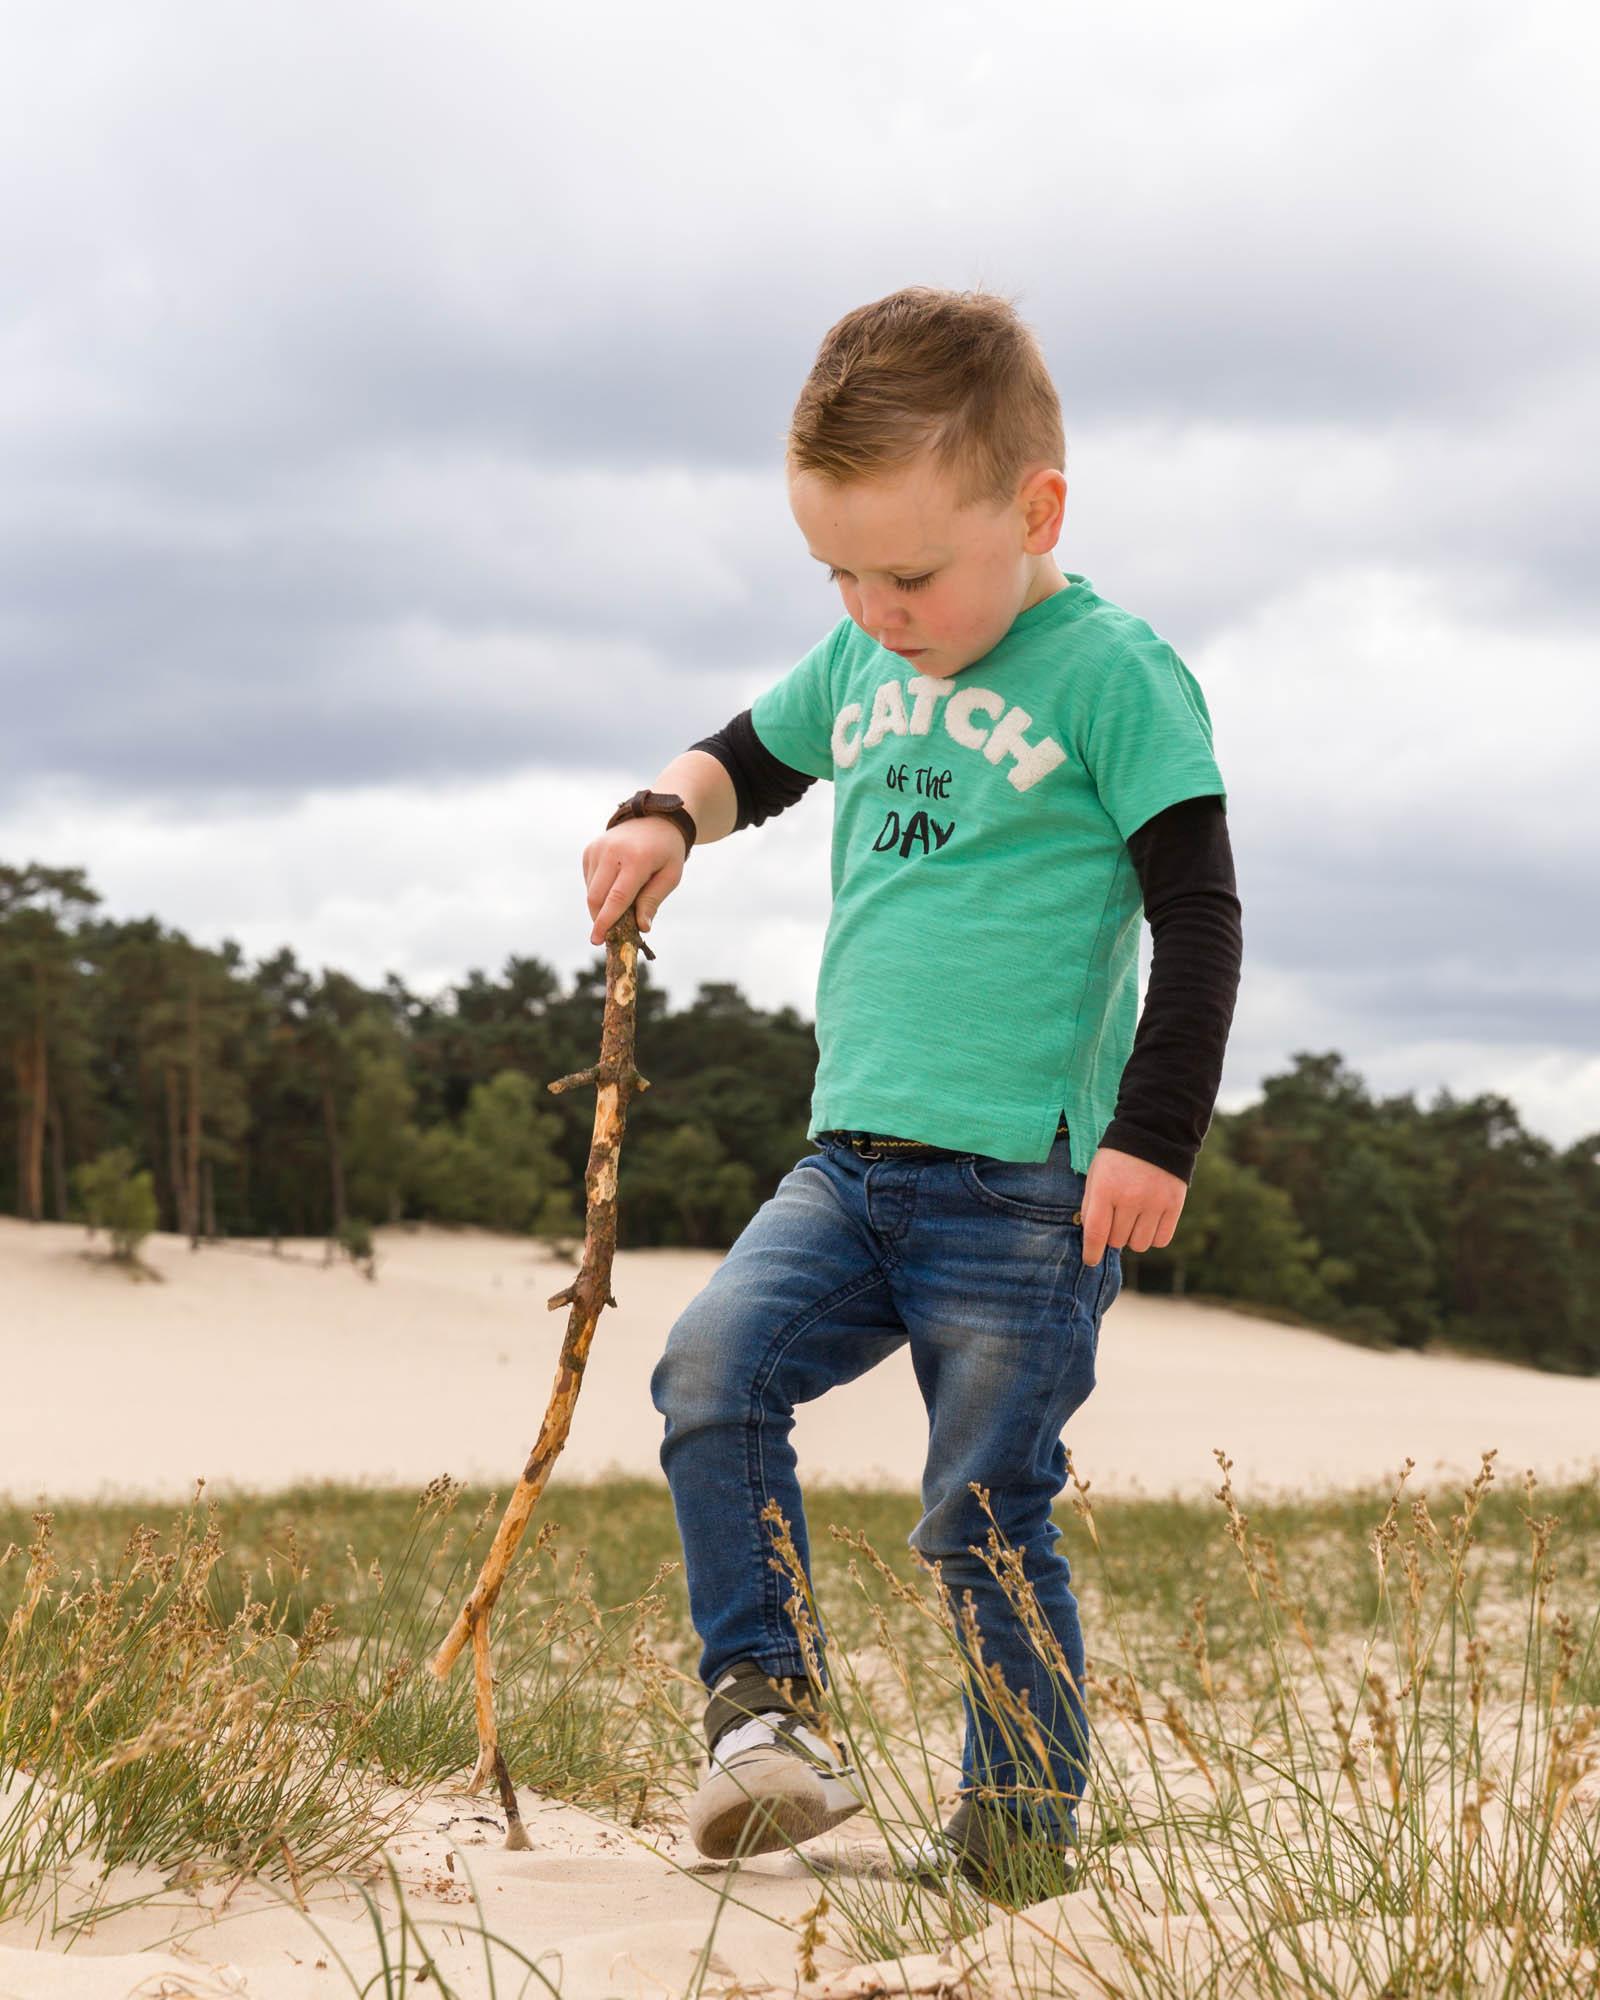 Kinder portretfotograaf in Amersfoort. Kinderportret door Mayra Fotografie. Kinder portret. Fotograaf Amersfoort. Fotograaf Nijkerk. Fotograaf Hoevelaken. Kinder fotoshoot bij Soesterduinen.